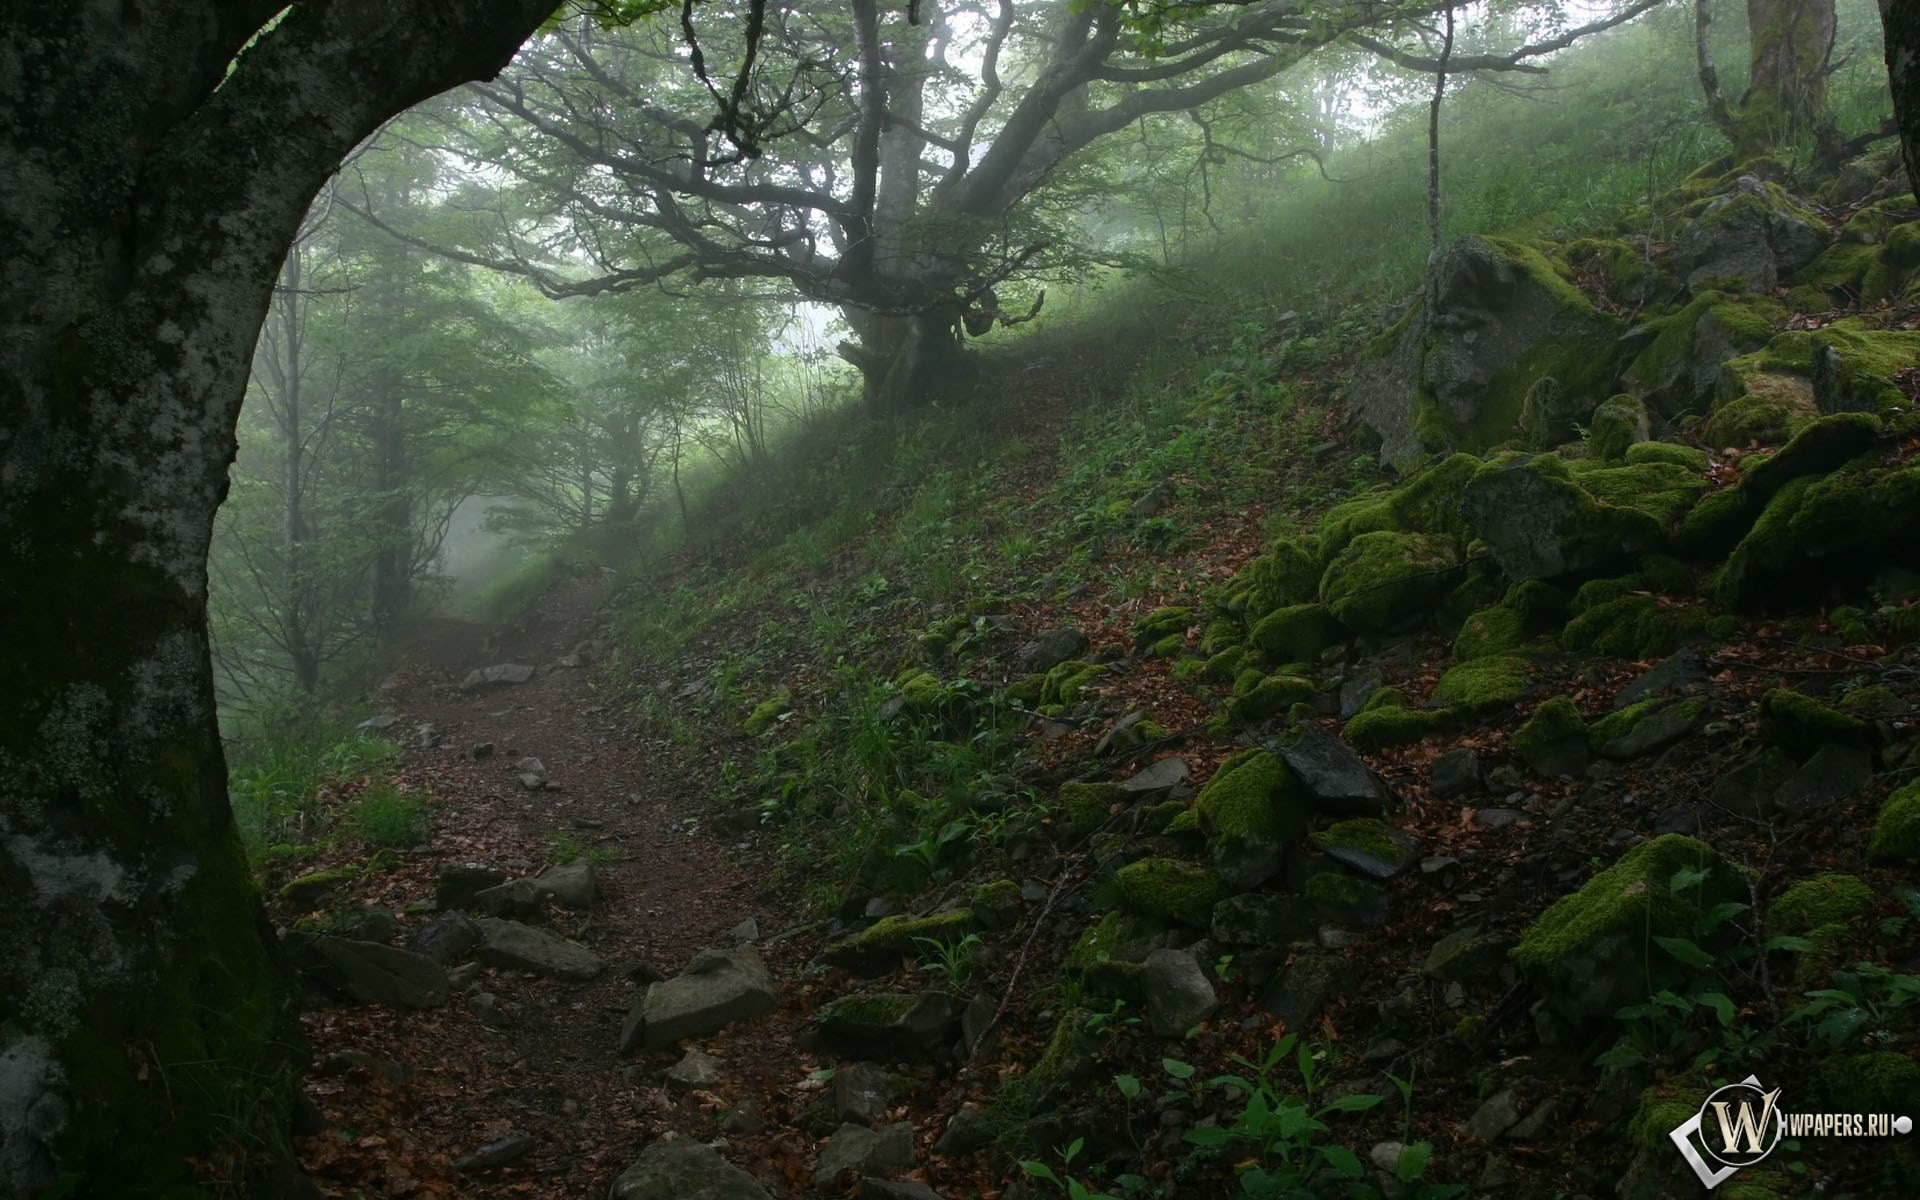 Тропа в лесу 1920x1200